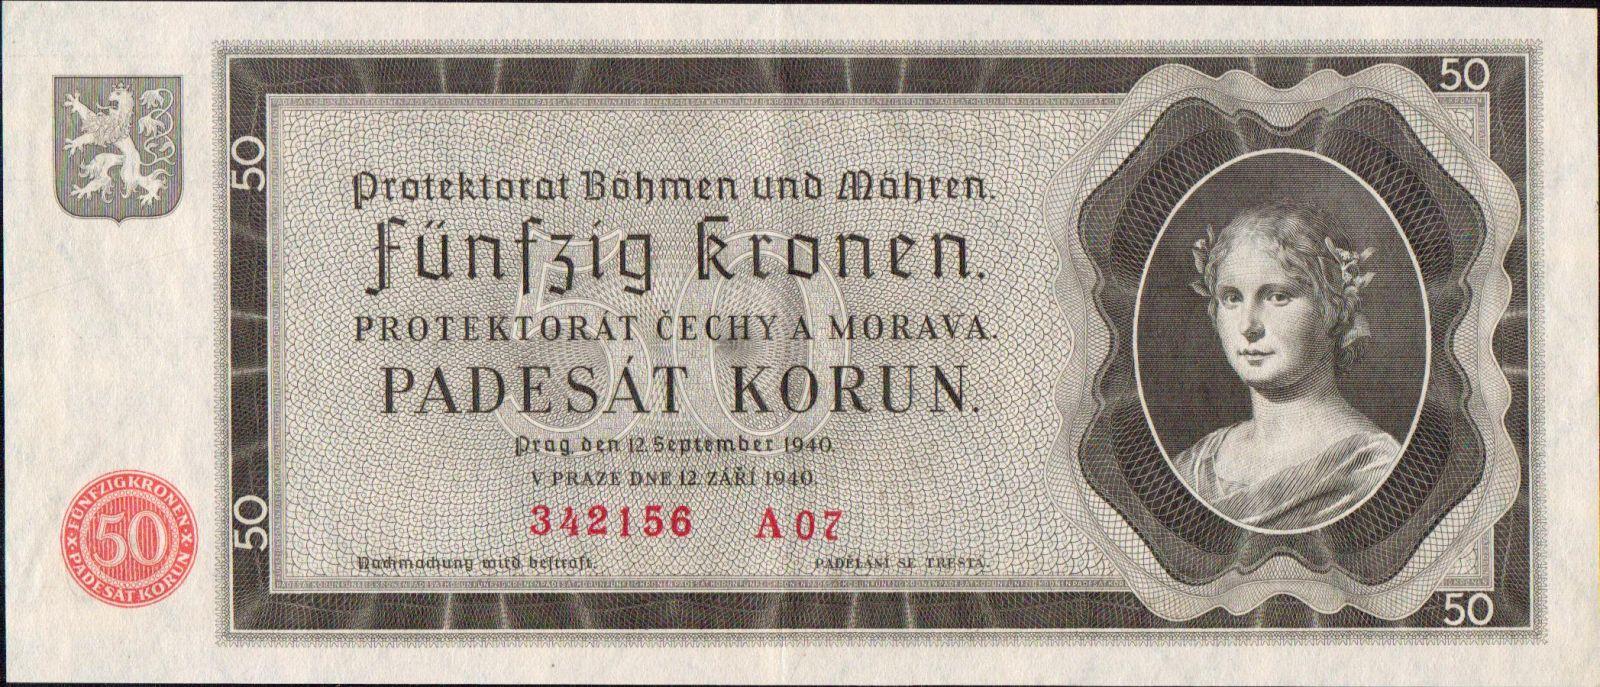 50K/1940/, stav 1, série A 07